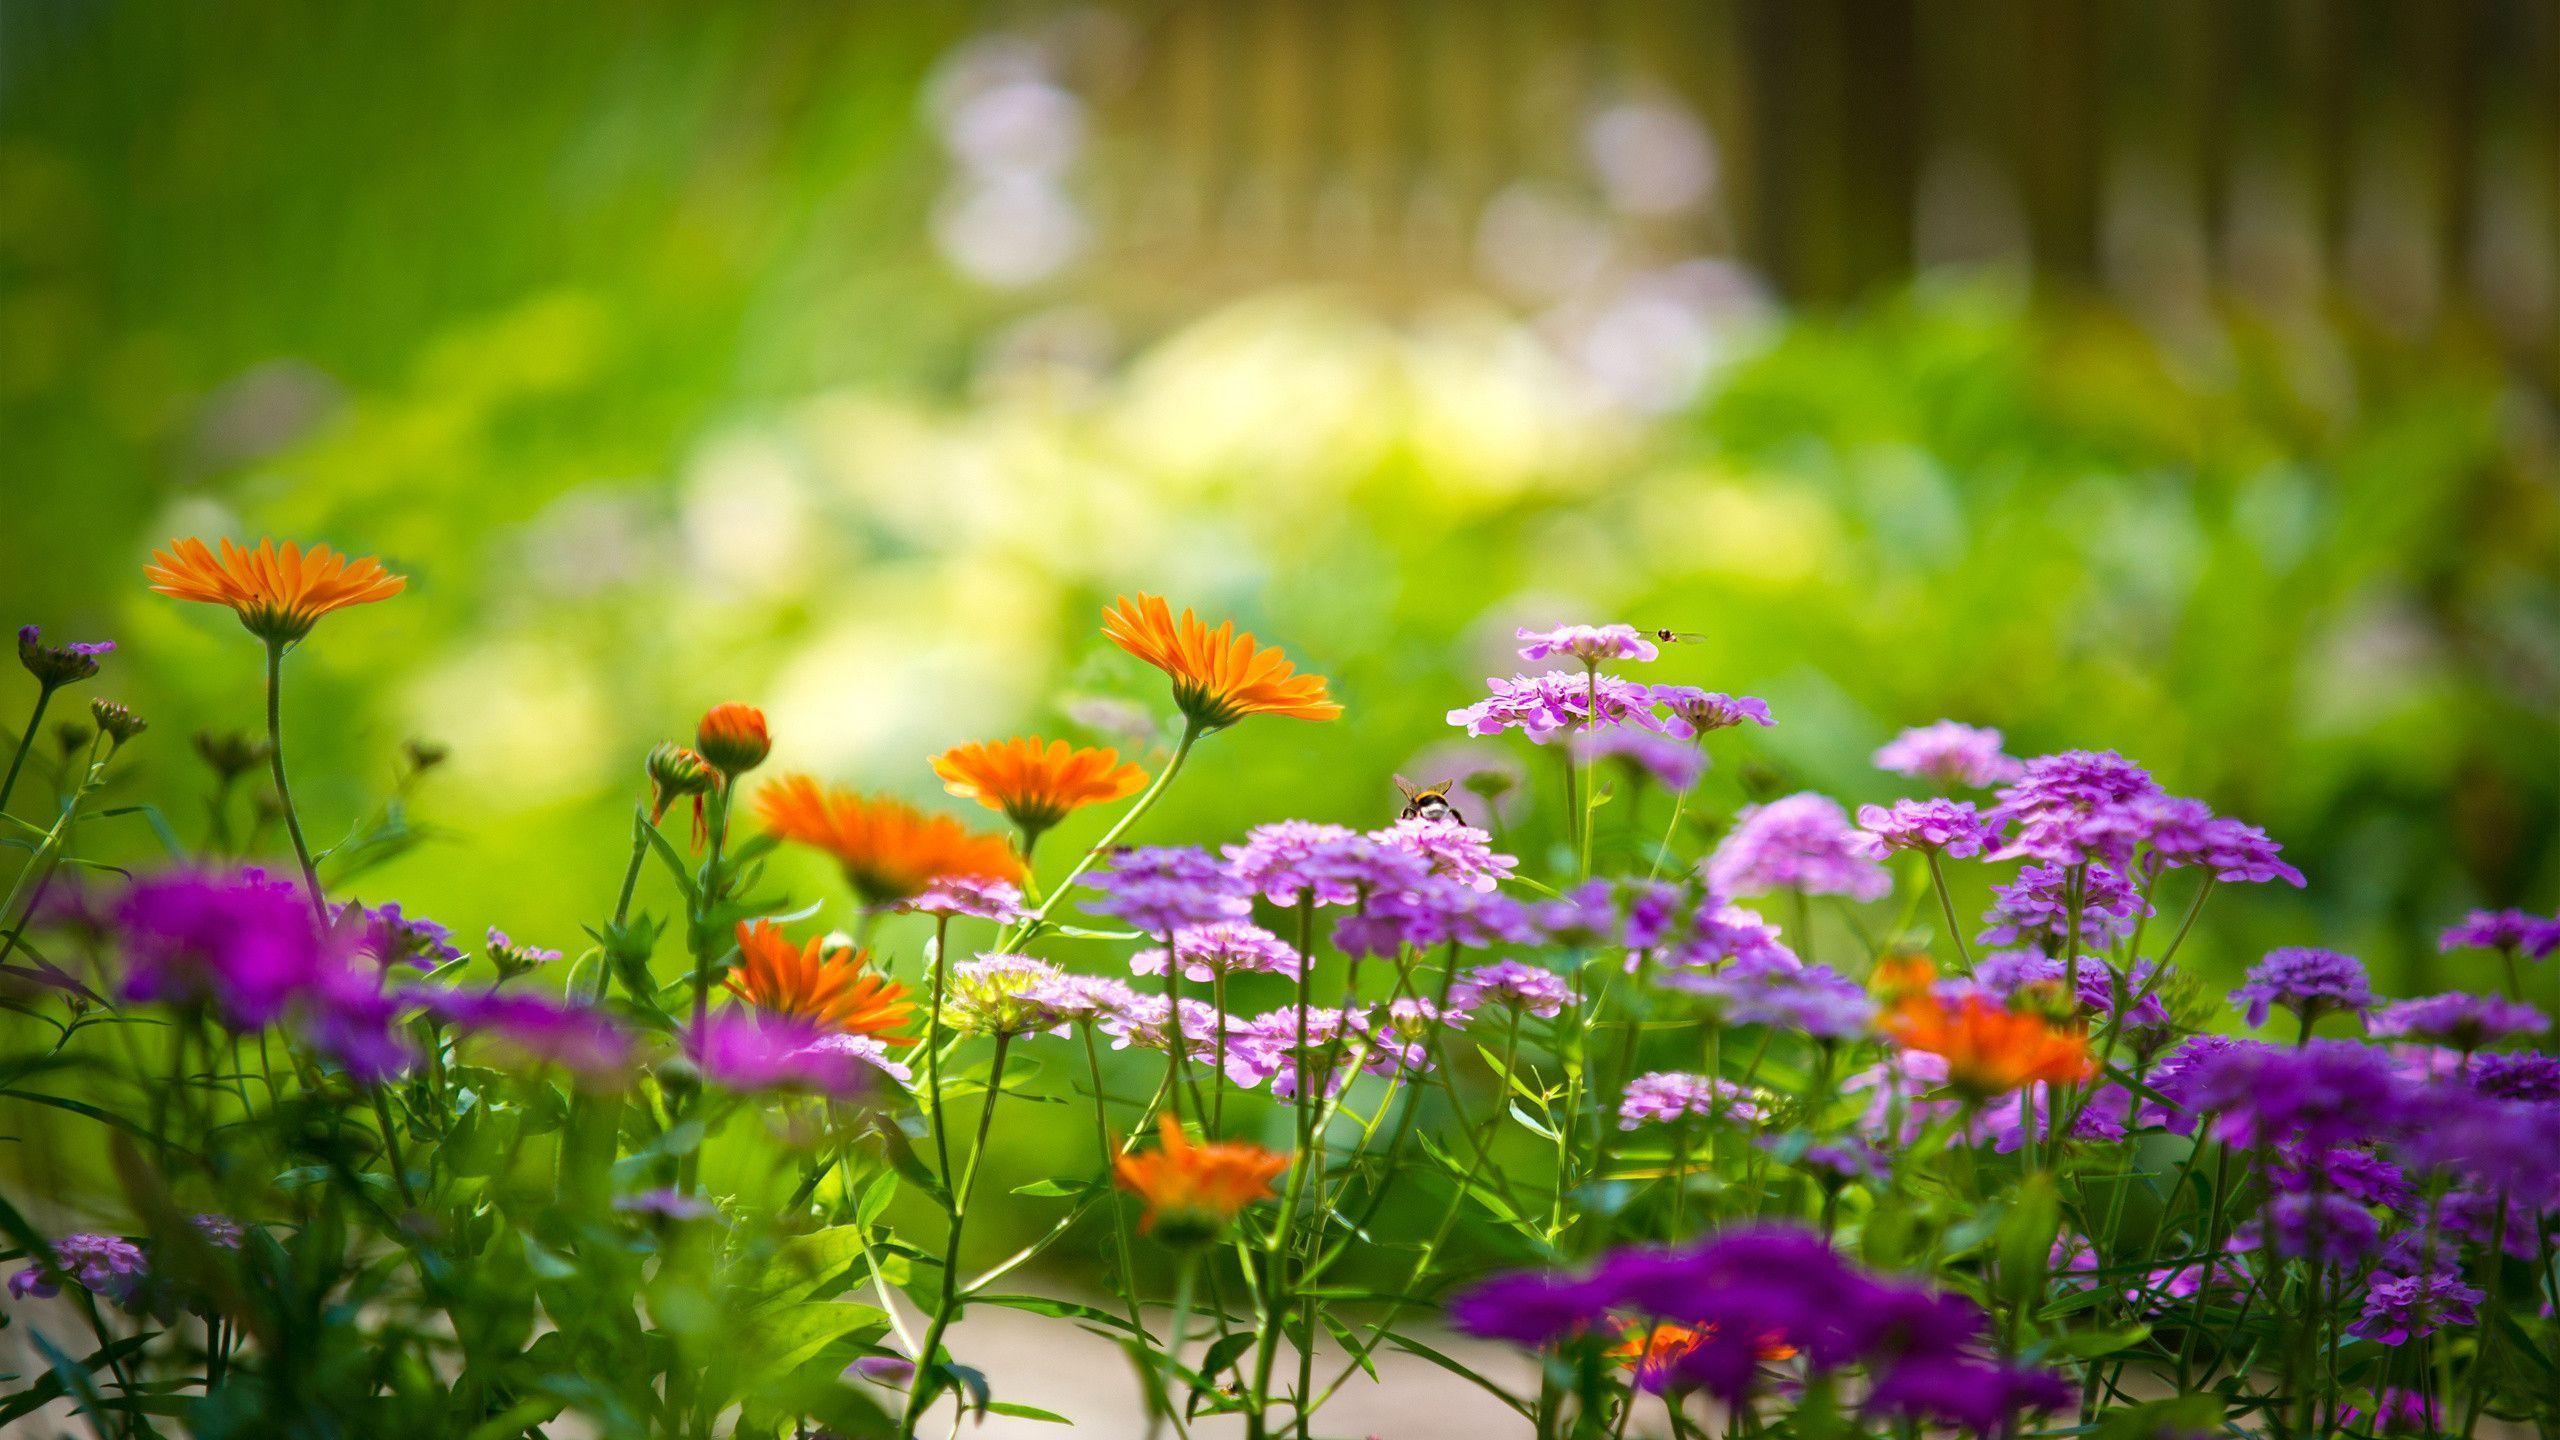 Flower Garden Backgrounds - Wallpaper Cave